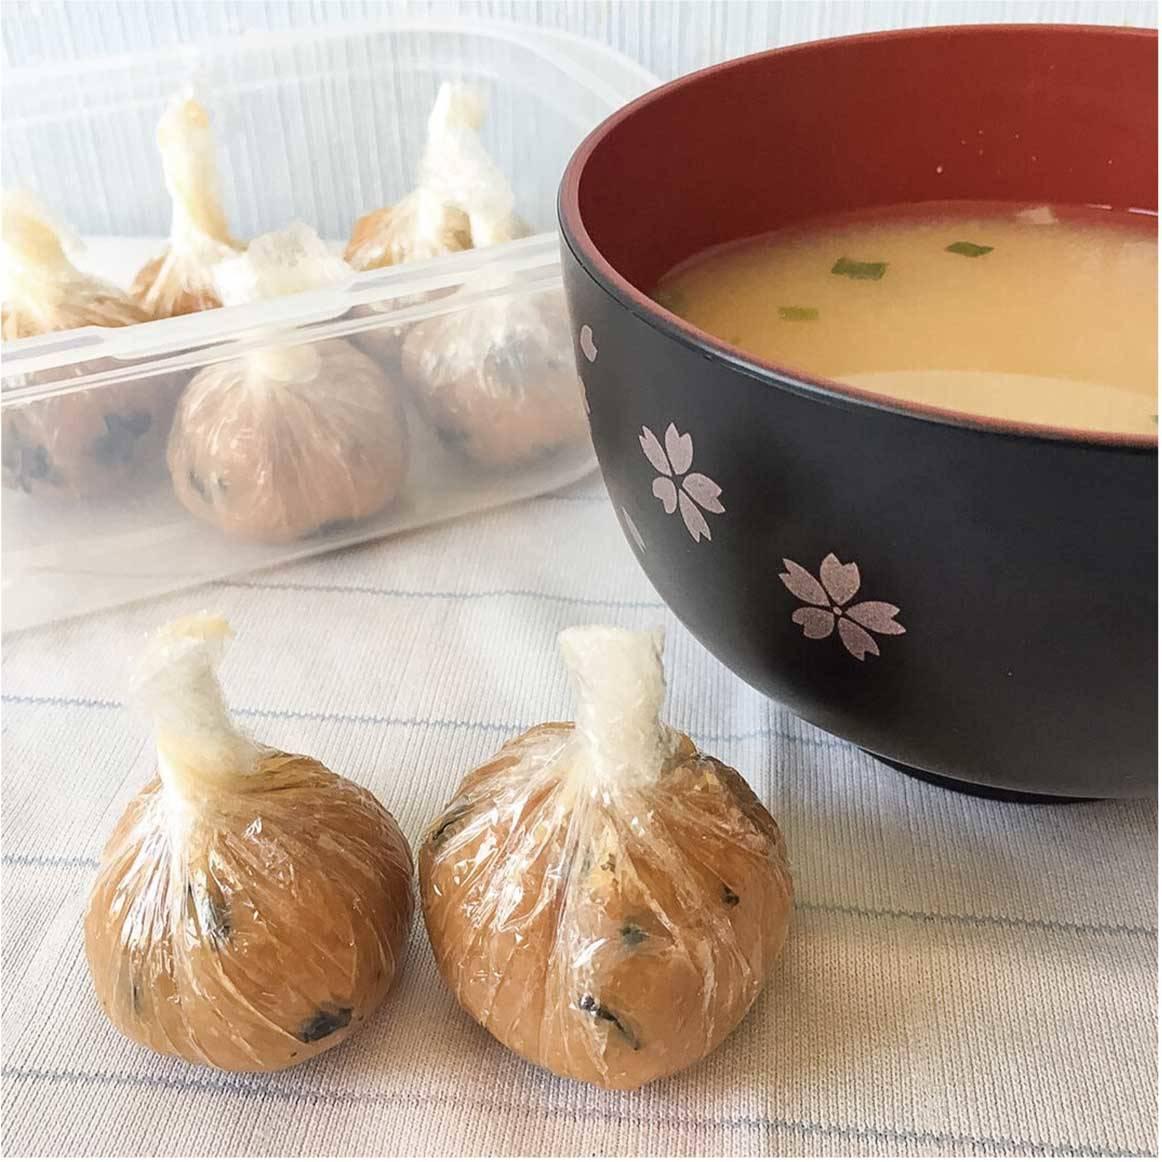 【健康】油を使わない味噌汁はダイエットにも人気。ラップに包んだ味噌玉は静かなブーム(2017年6月号)